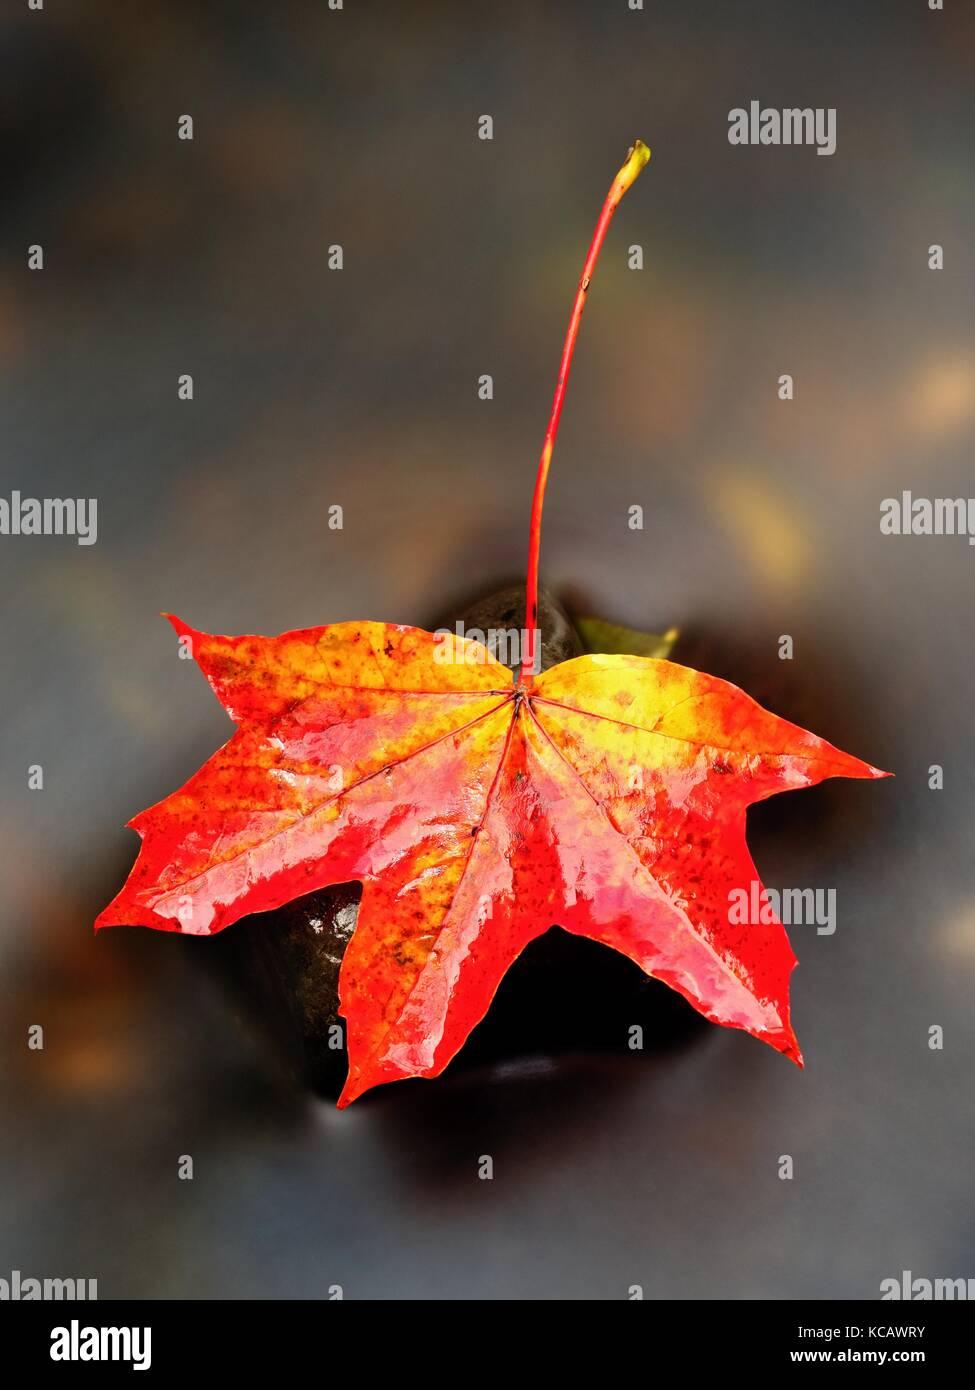 La natura in autunno. Dettaglio di marcio rosso arancione maple leaf. caduta foglie giaceva su pietra scura in specchio Immagini Stock